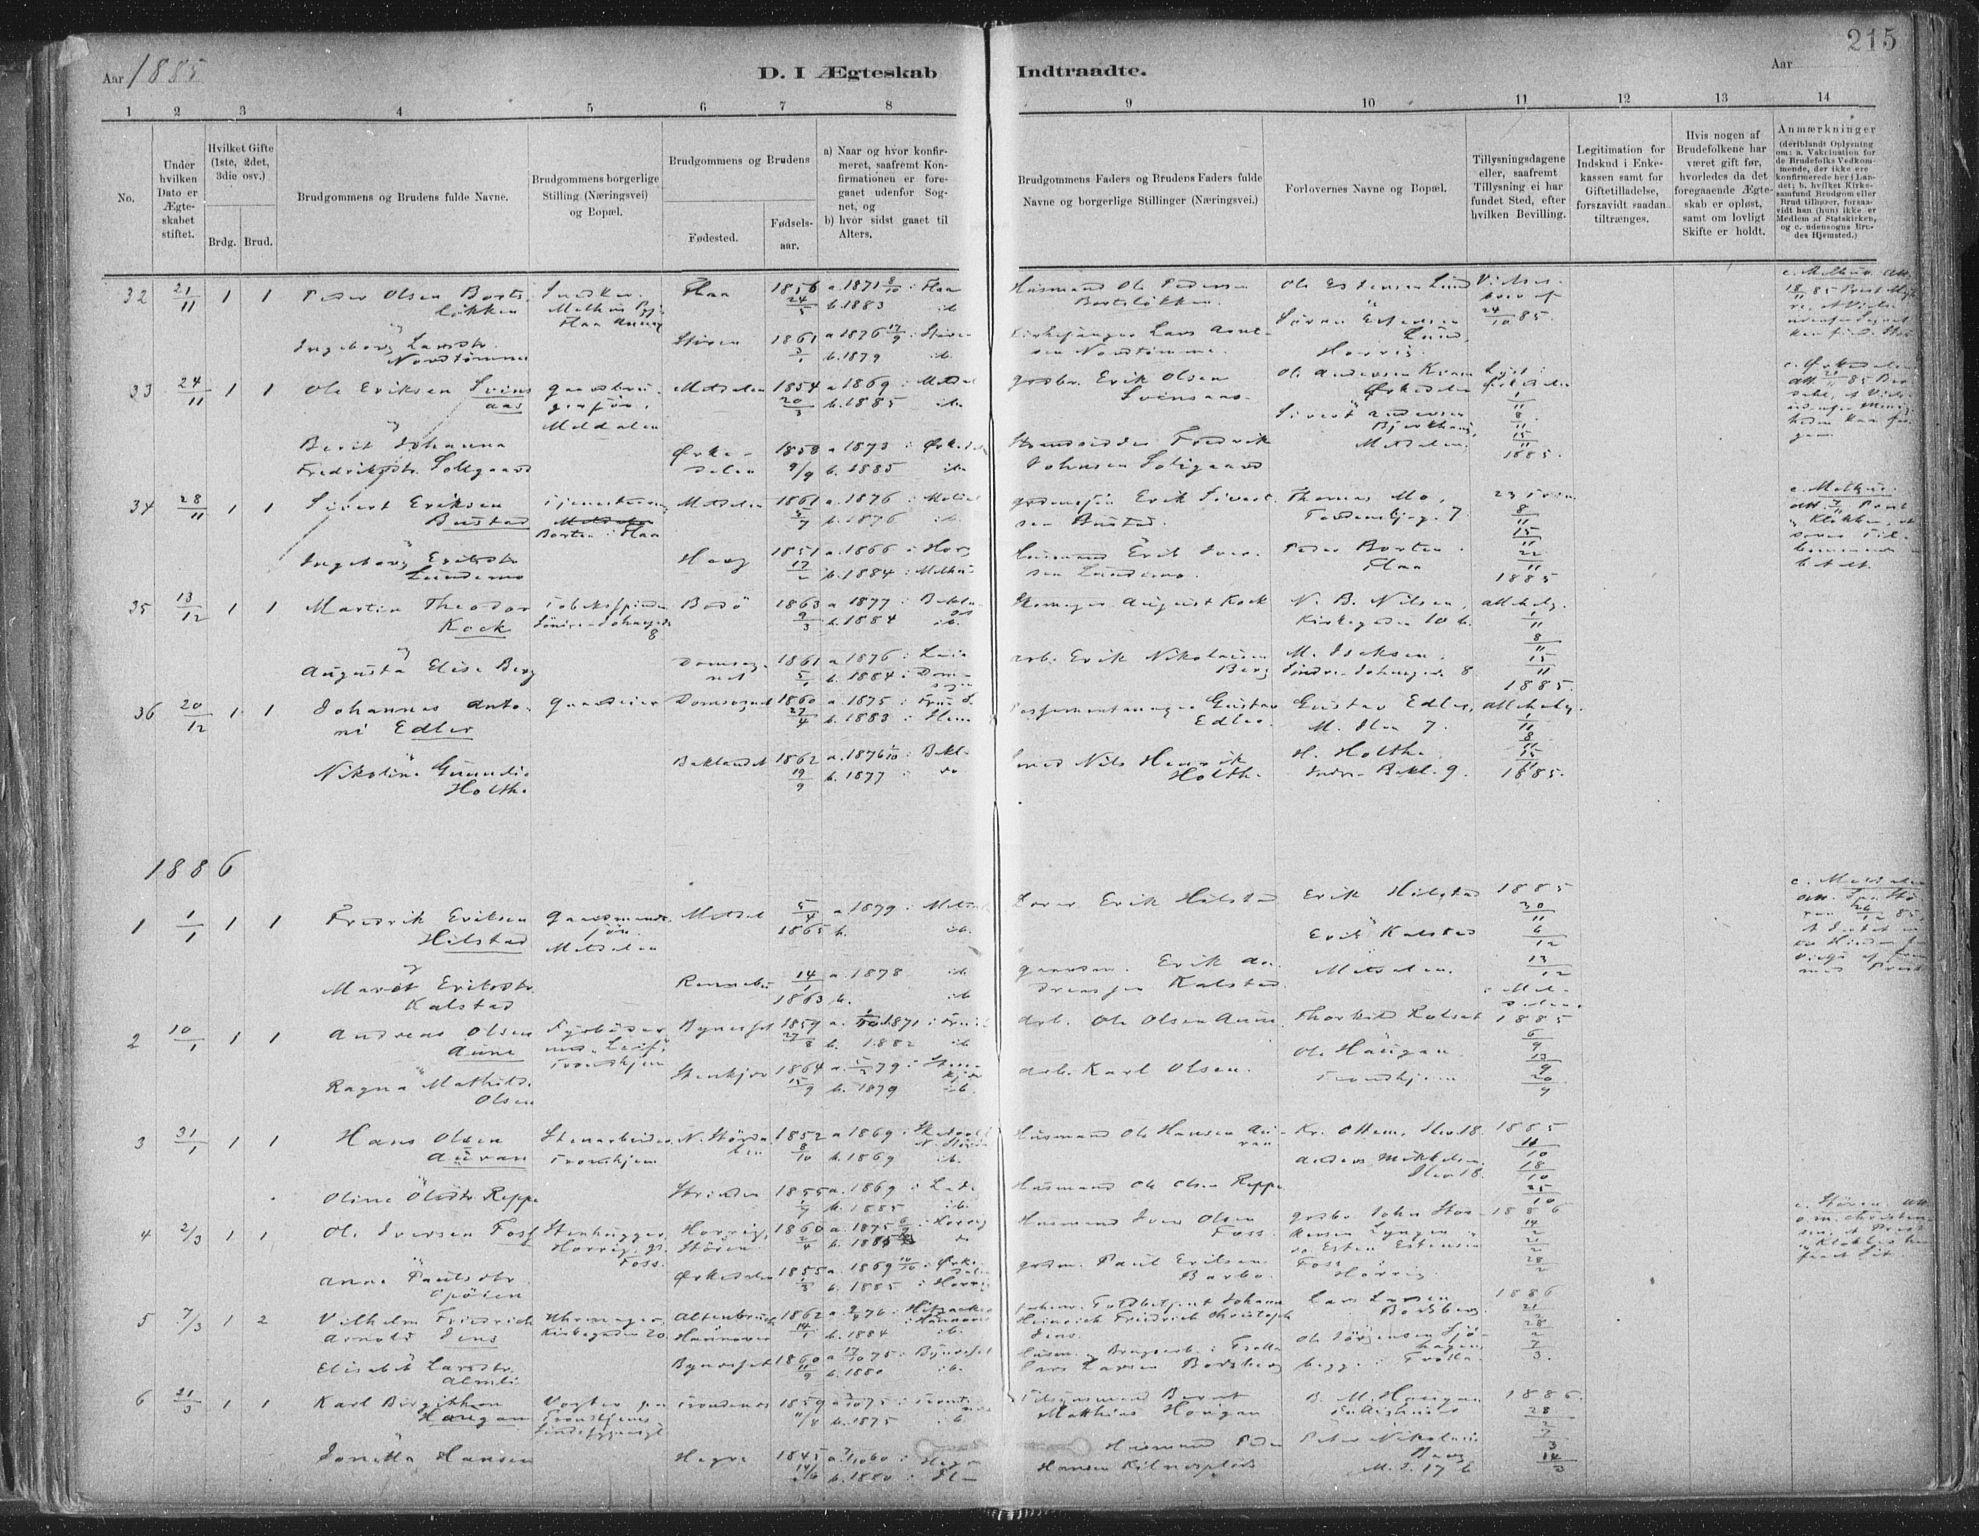 SAT, Ministerialprotokoller, klokkerbøker og fødselsregistre - Sør-Trøndelag, 603/L0162: Ministerialbok nr. 603A01, 1879-1895, s. 215